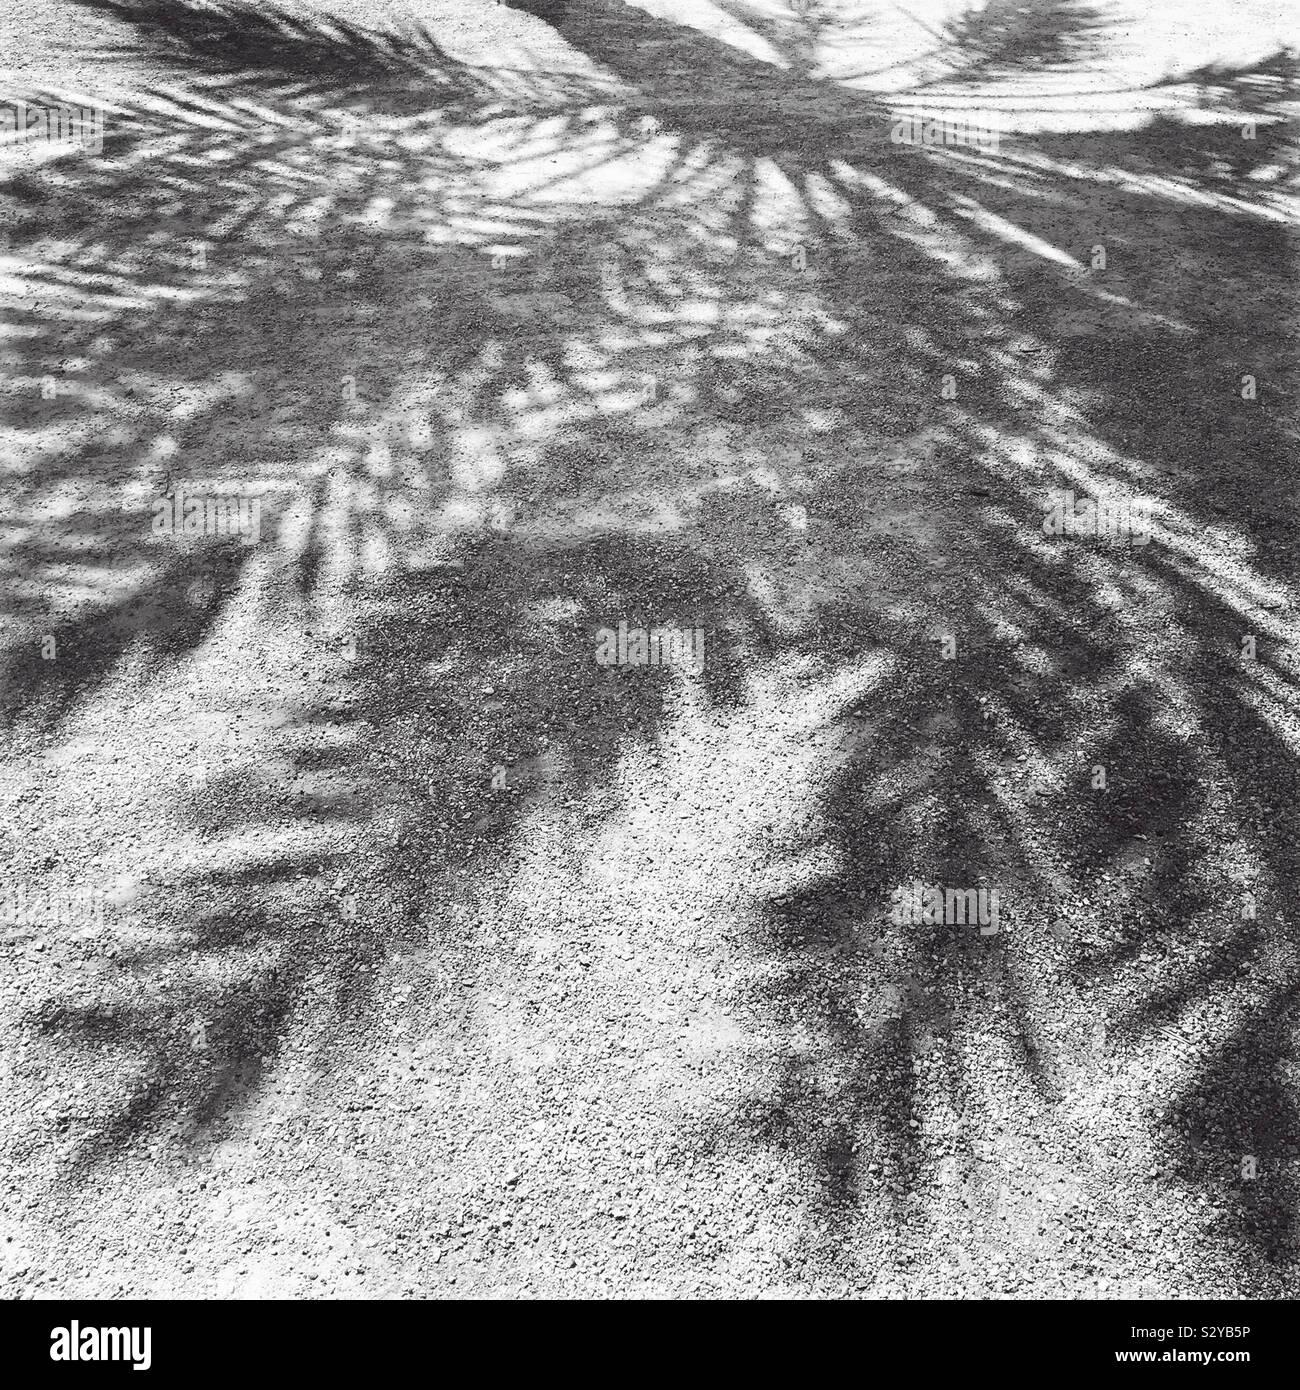 Ombra delle lunghe foglie e rami di un albero di palma sulla superficie scabra cemento di un parcheggio. Foto Stock